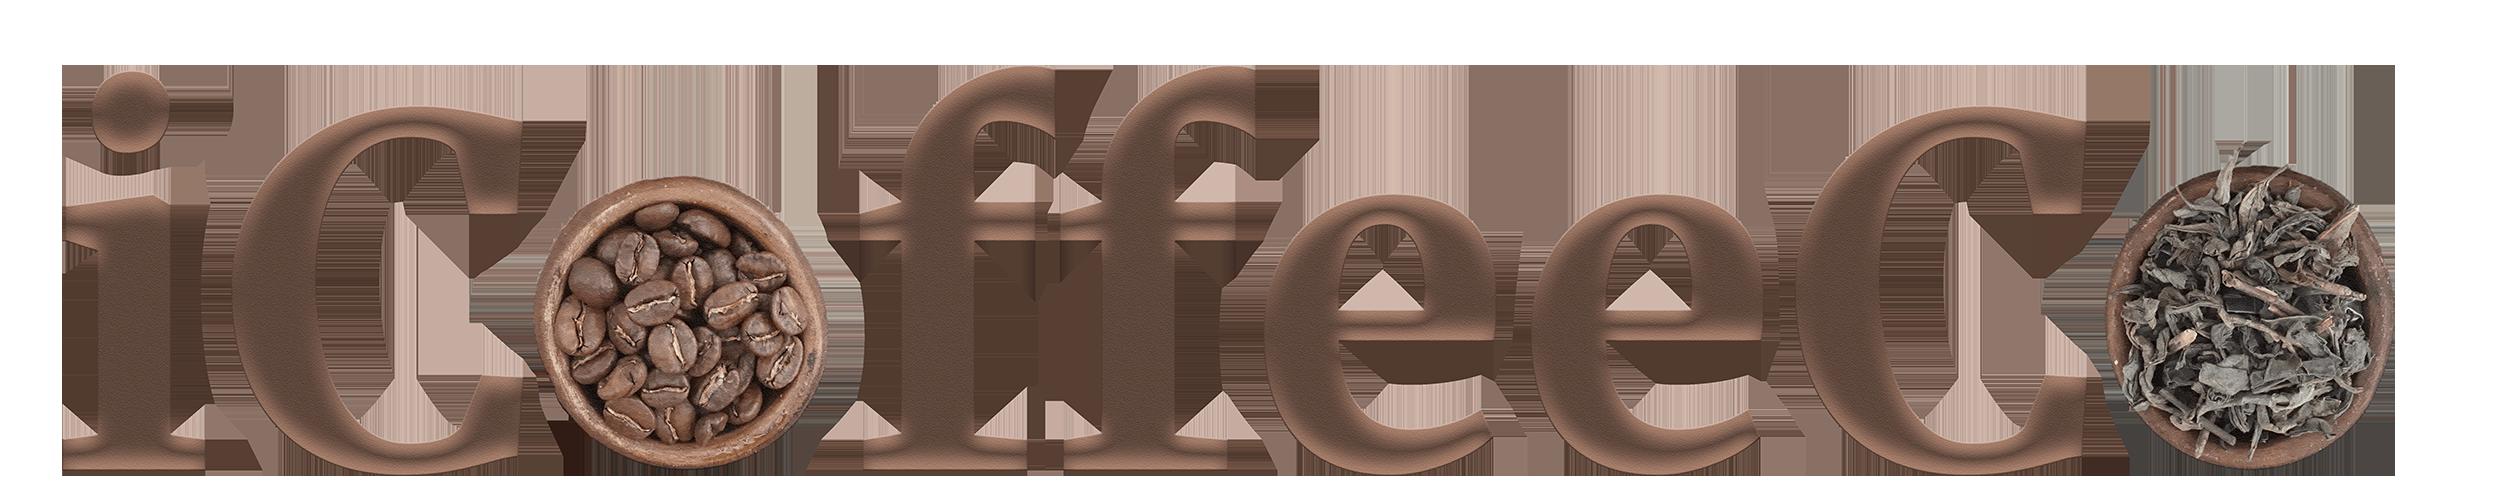 Продажа свежеобжаренного кофе собственного производства в Киеве и регионах Украины